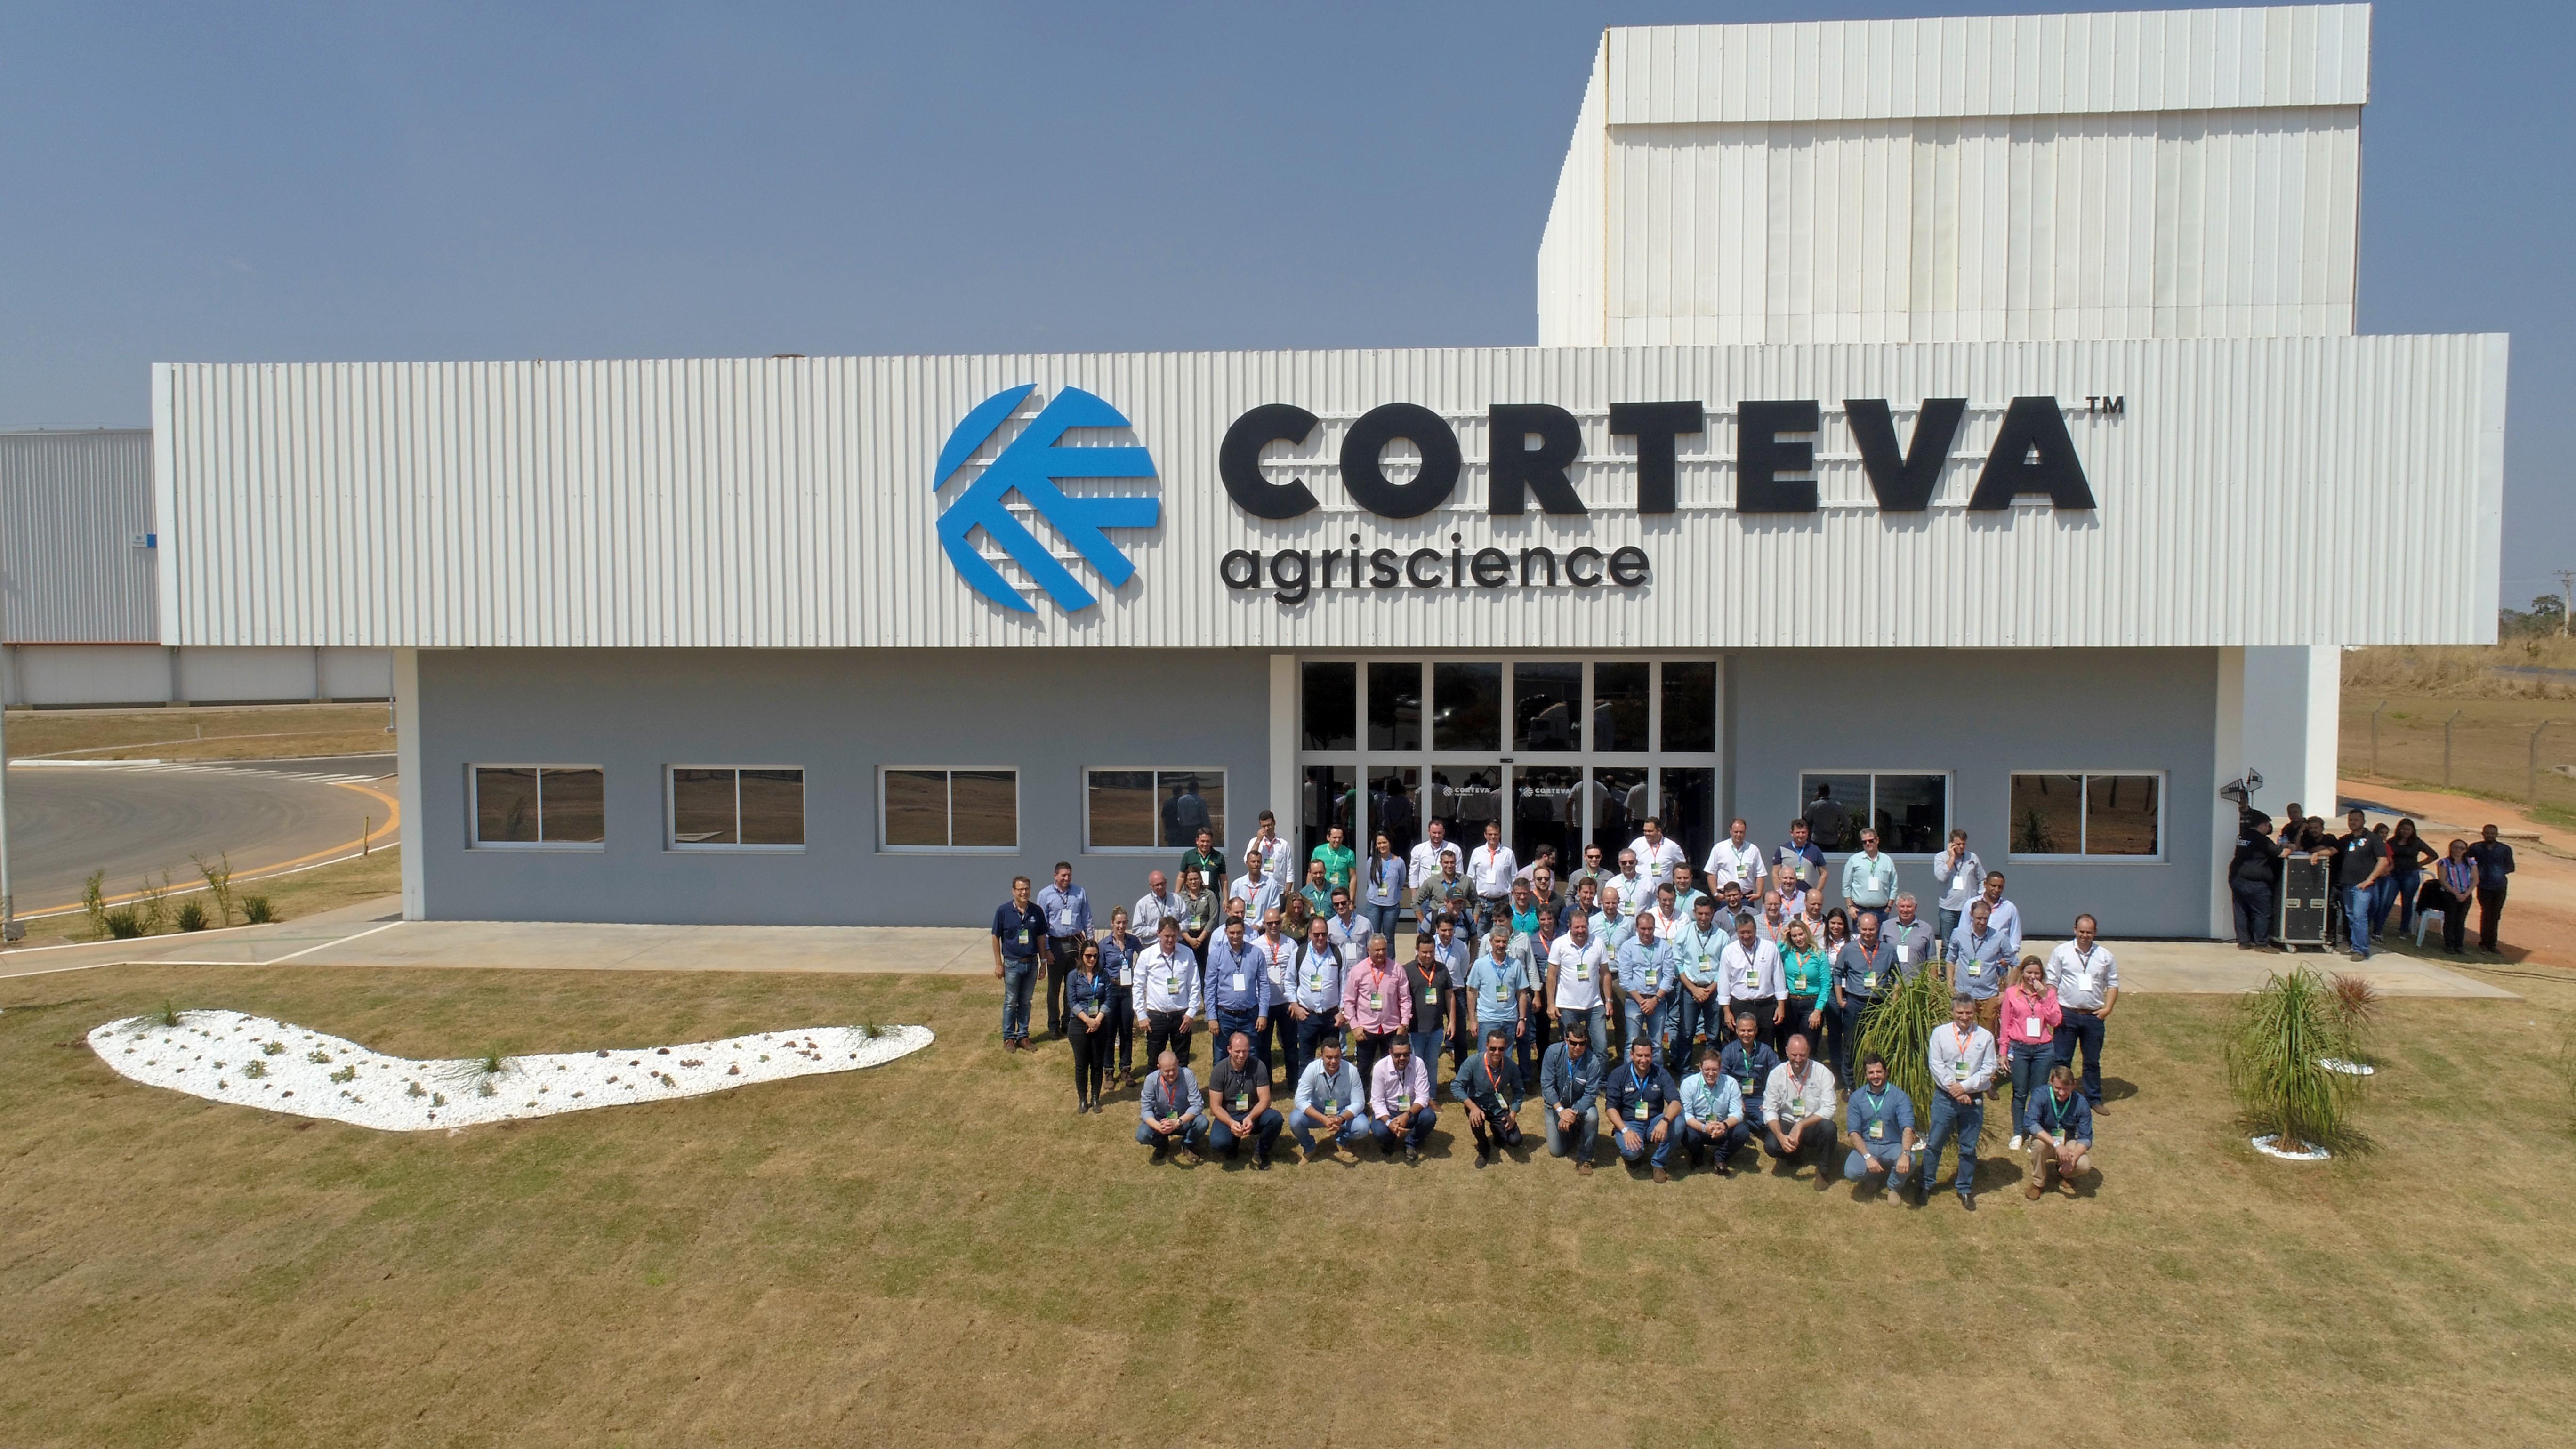 Multiplicadores participaram do evento de inauguração e posam em frente ao CSAT (Foto: Divulgação)